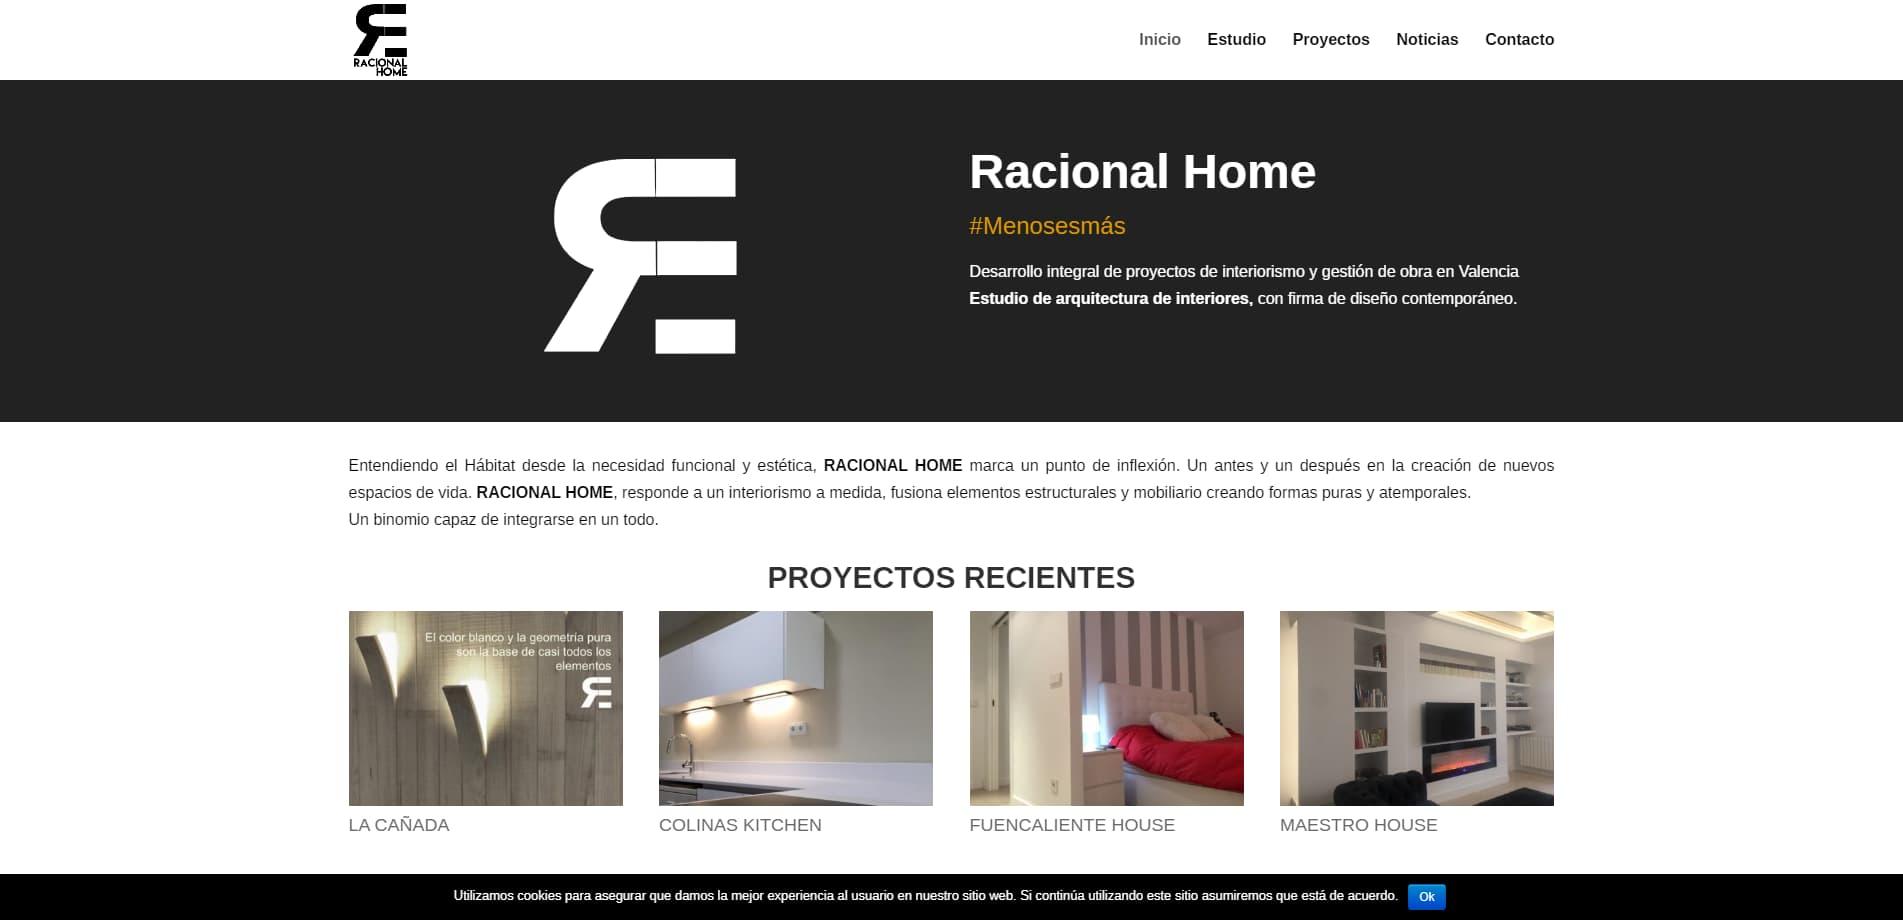 Racional Home